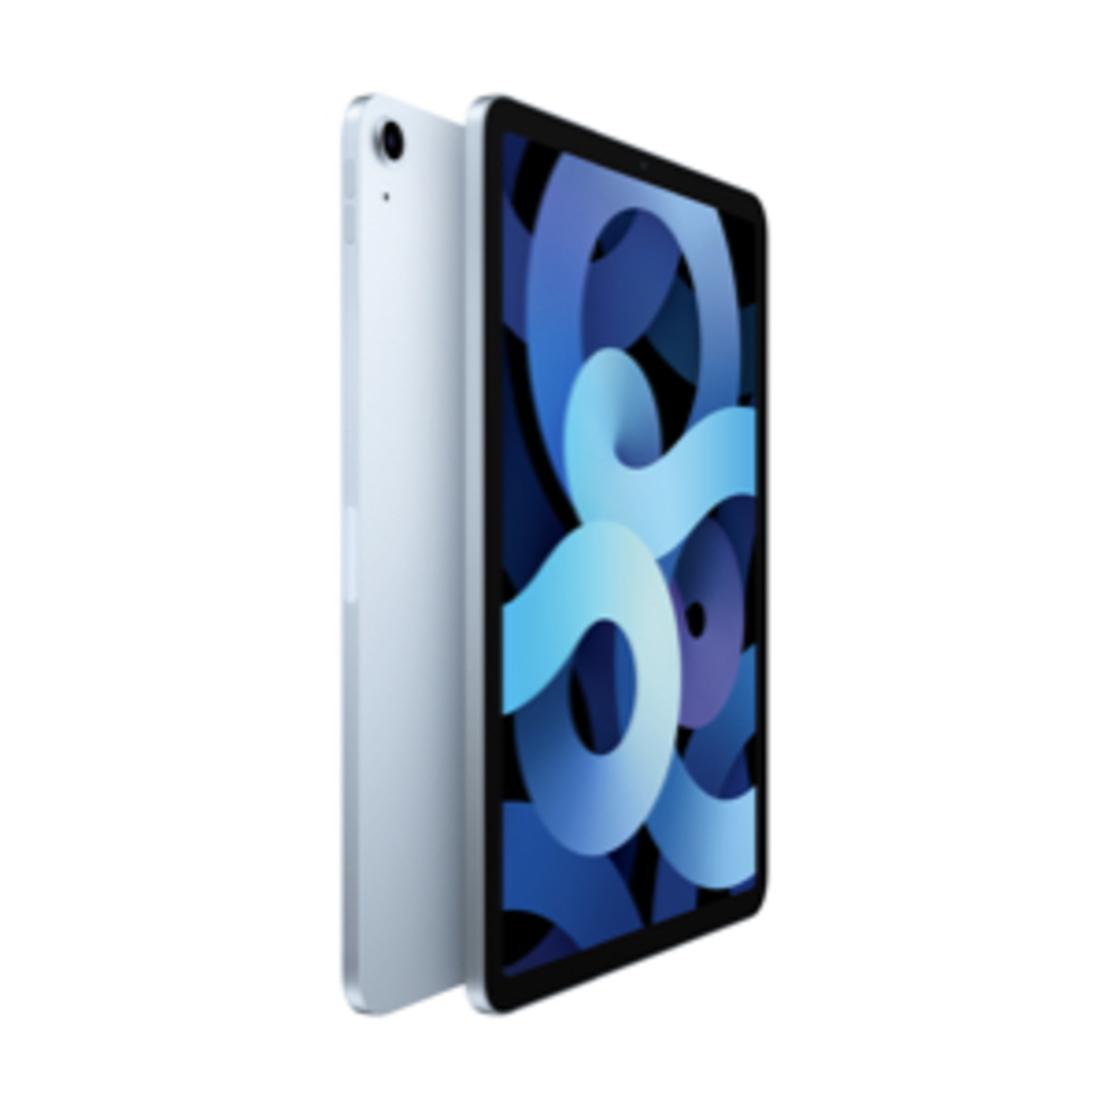 IPAD AIR 4 WI-FI 64GB - יבואן רשמי